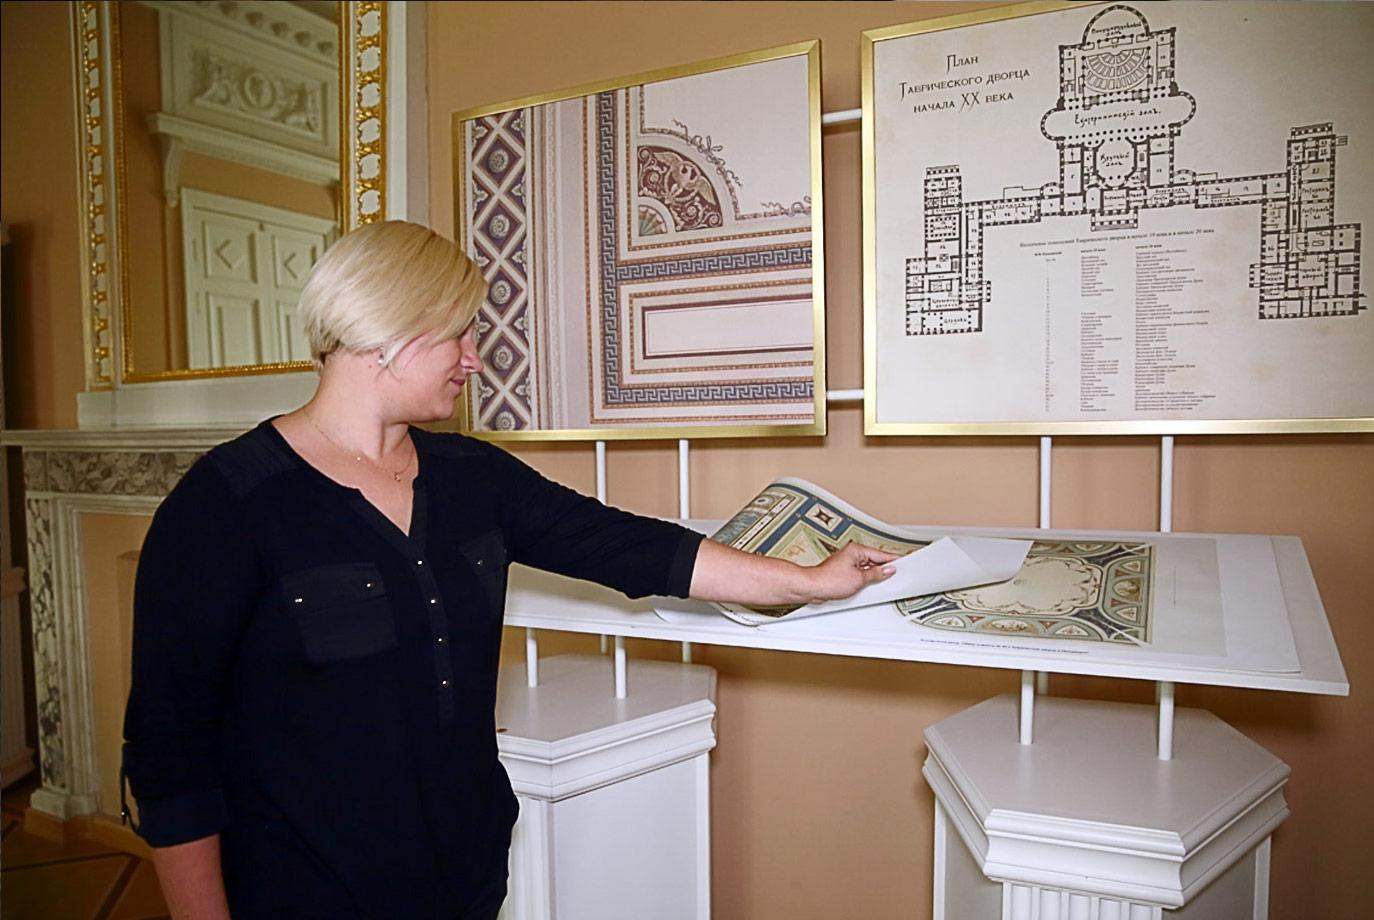 Знакомство с материалами выставки «Таврический дворец вчера и сегодня»